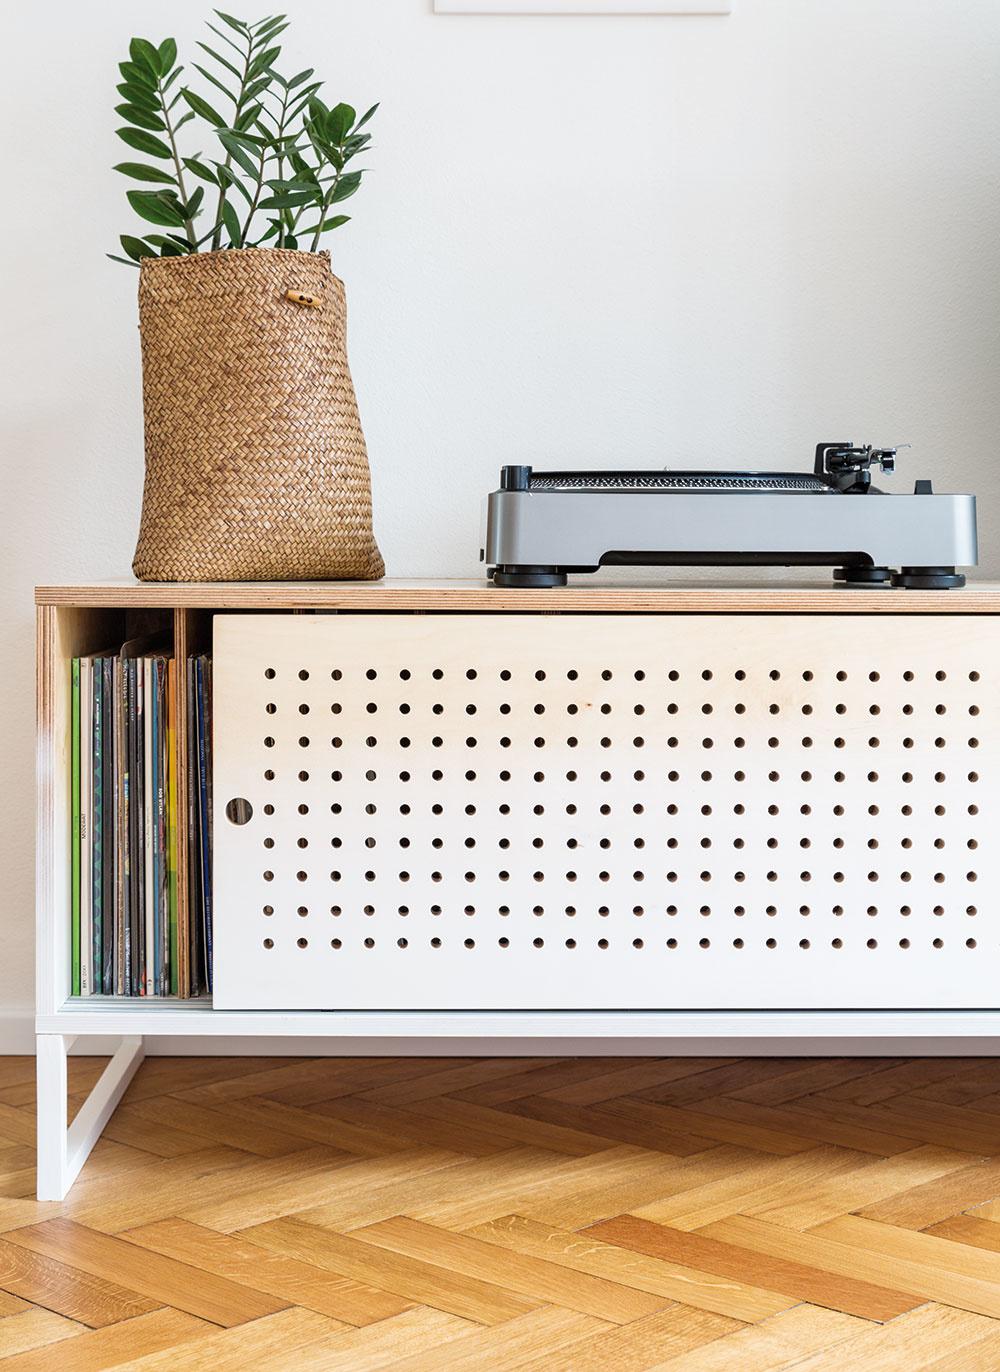 Kštýlu retro neodmysliteľne patrí gramofón aLP platne, ktoré potrebovali svoje miesto. Dlhú skrinku sperforovanými posuvnými dvierkami zpreglejky pre ne na mieru vyrobil stolár Ľubomír Špilák.